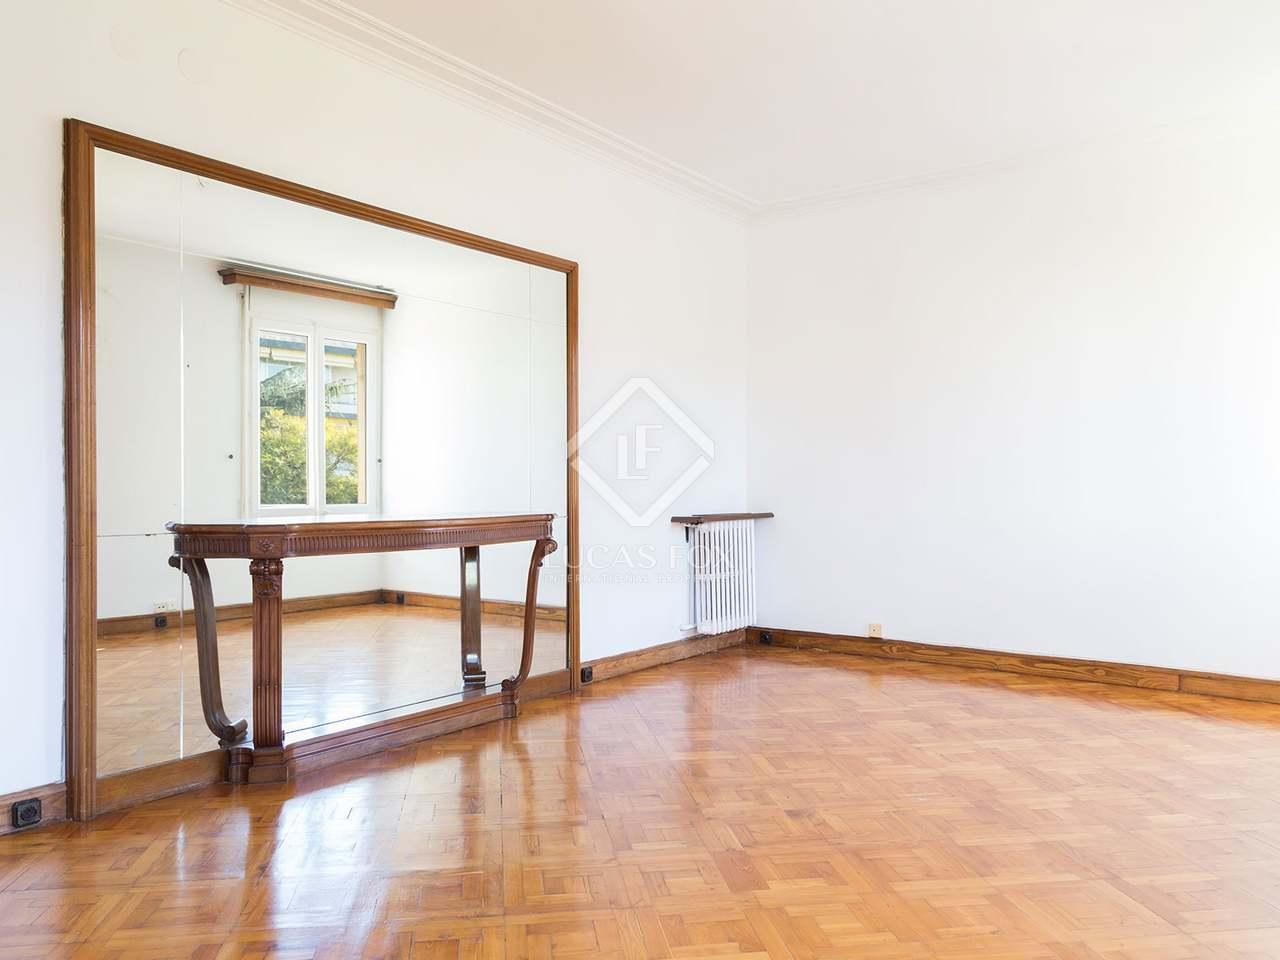 Apartamento de 5 dormitorios en venta en la zona alta de - Zona alta barcelona ...